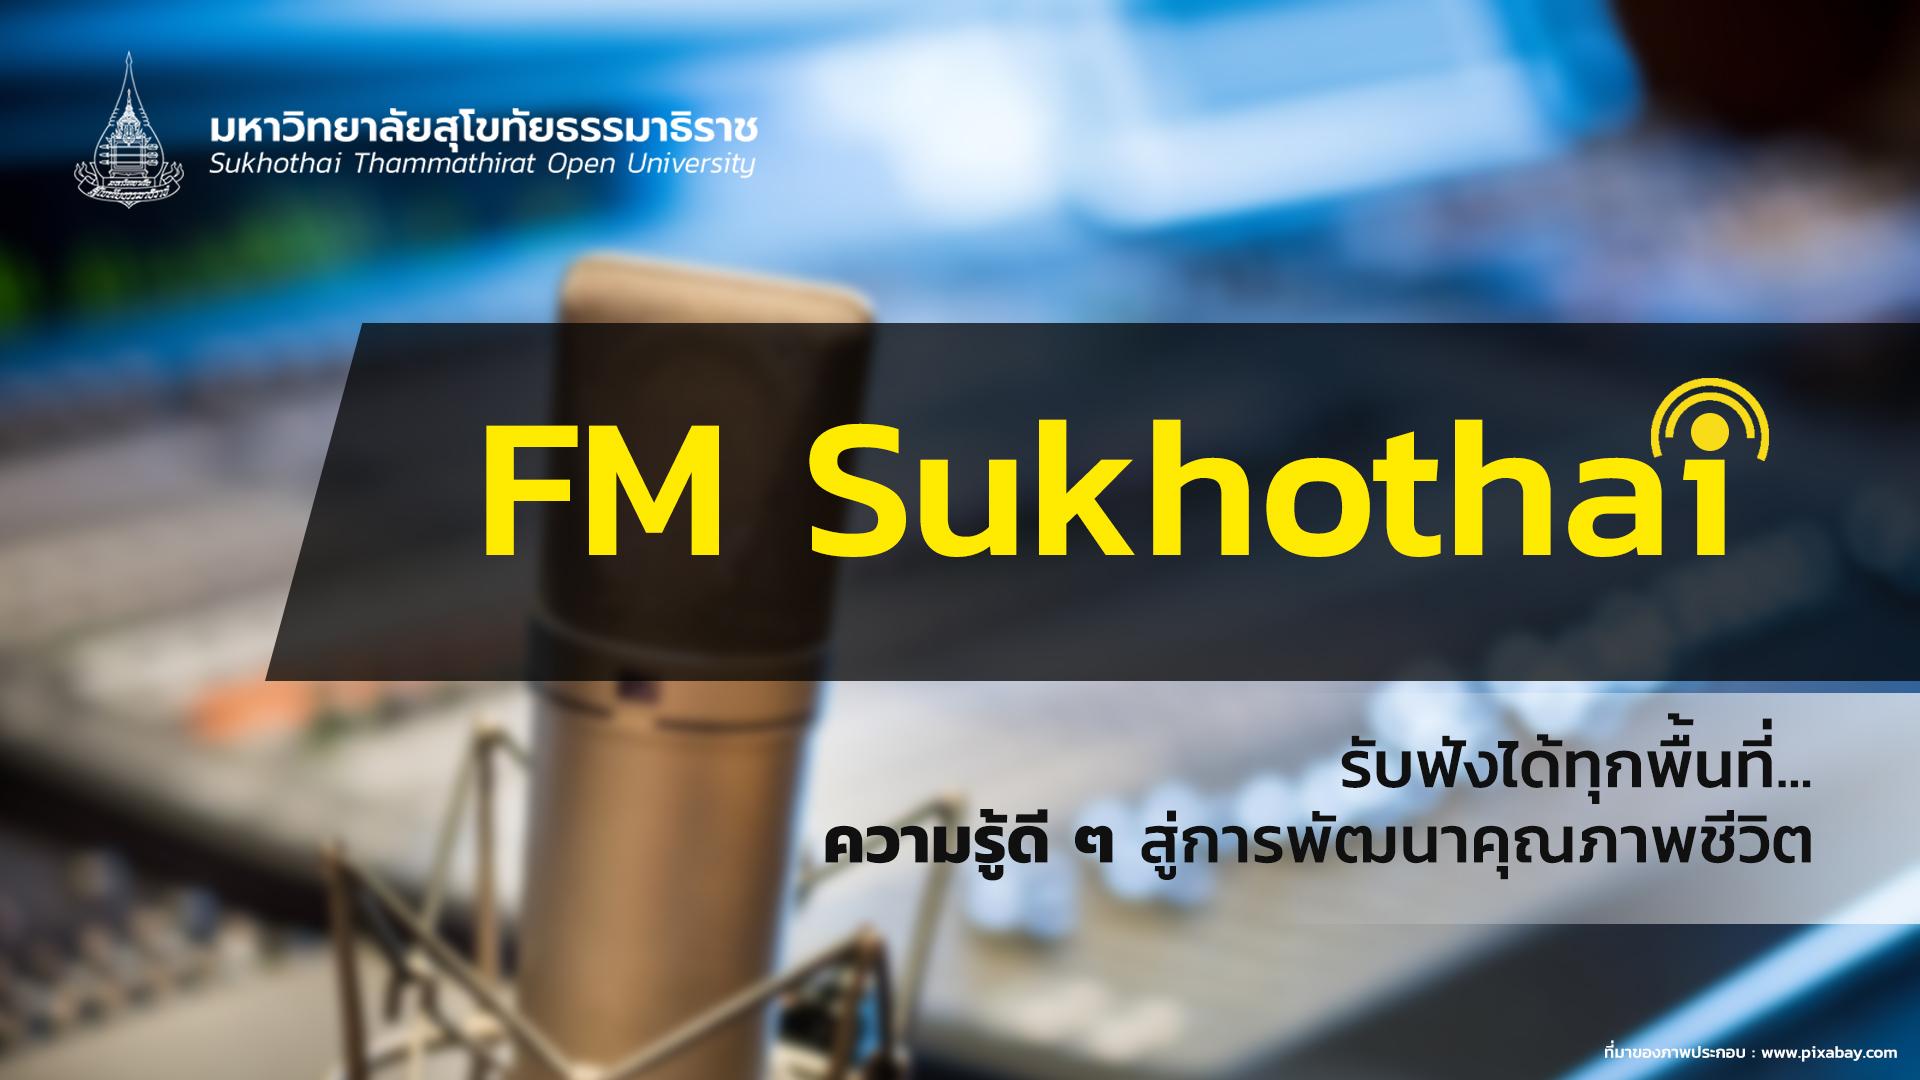 32310 ตลาดการเงิน สถาบัน และนโยบายการเงิน รายการที่ 9